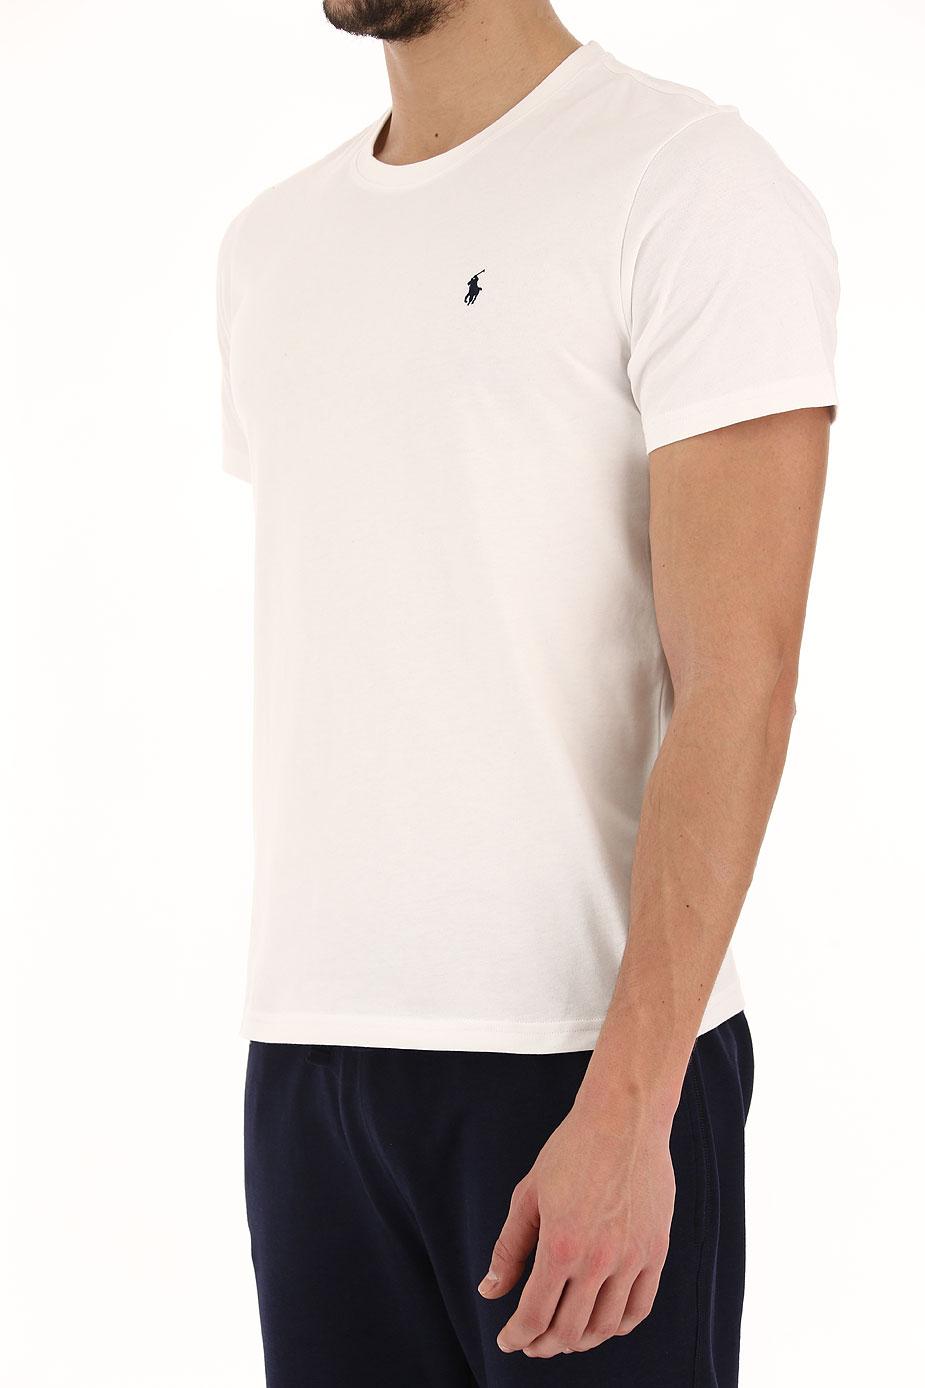 Abbigliamento Uomo Ralph Lauren, Codice Articolo: 714513500001--